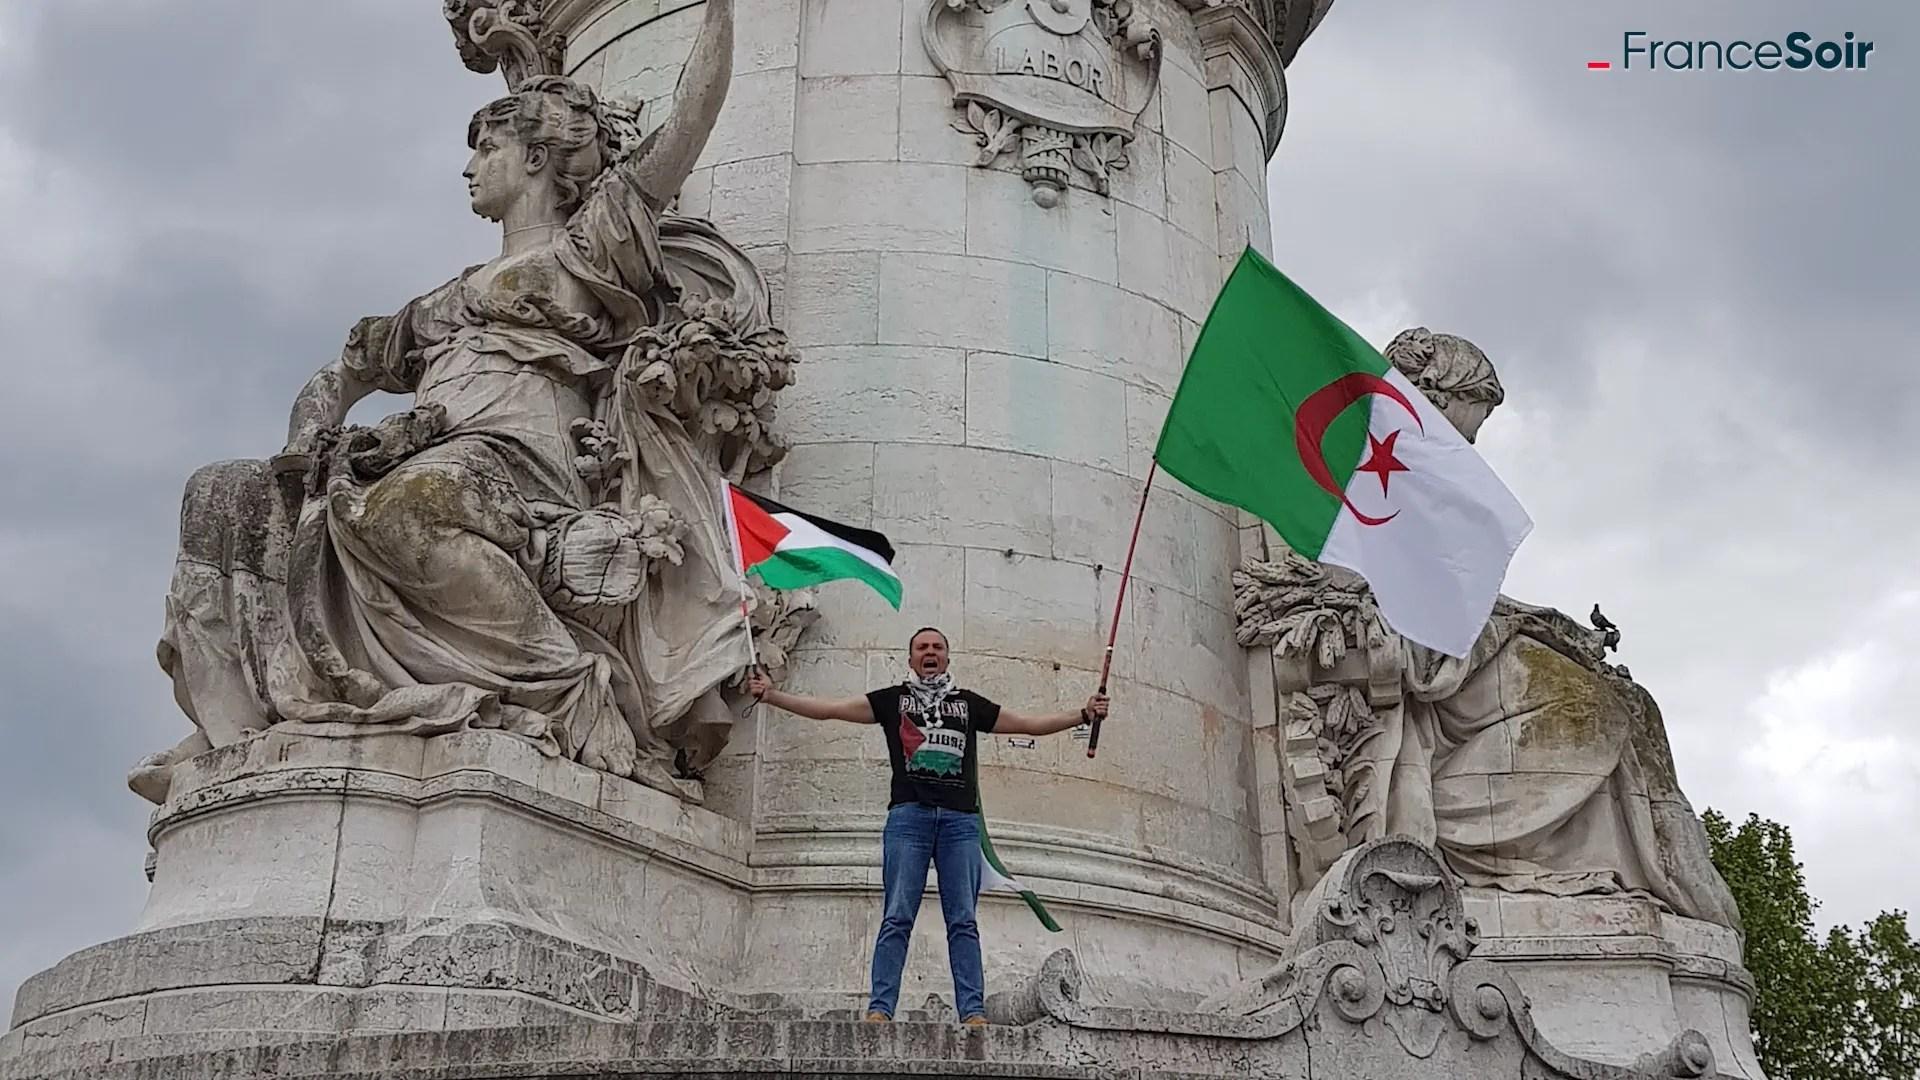 Reportage, manifestation pro-Palestine : « On est des êtres humains avant tout et tout le monde veut la paix »